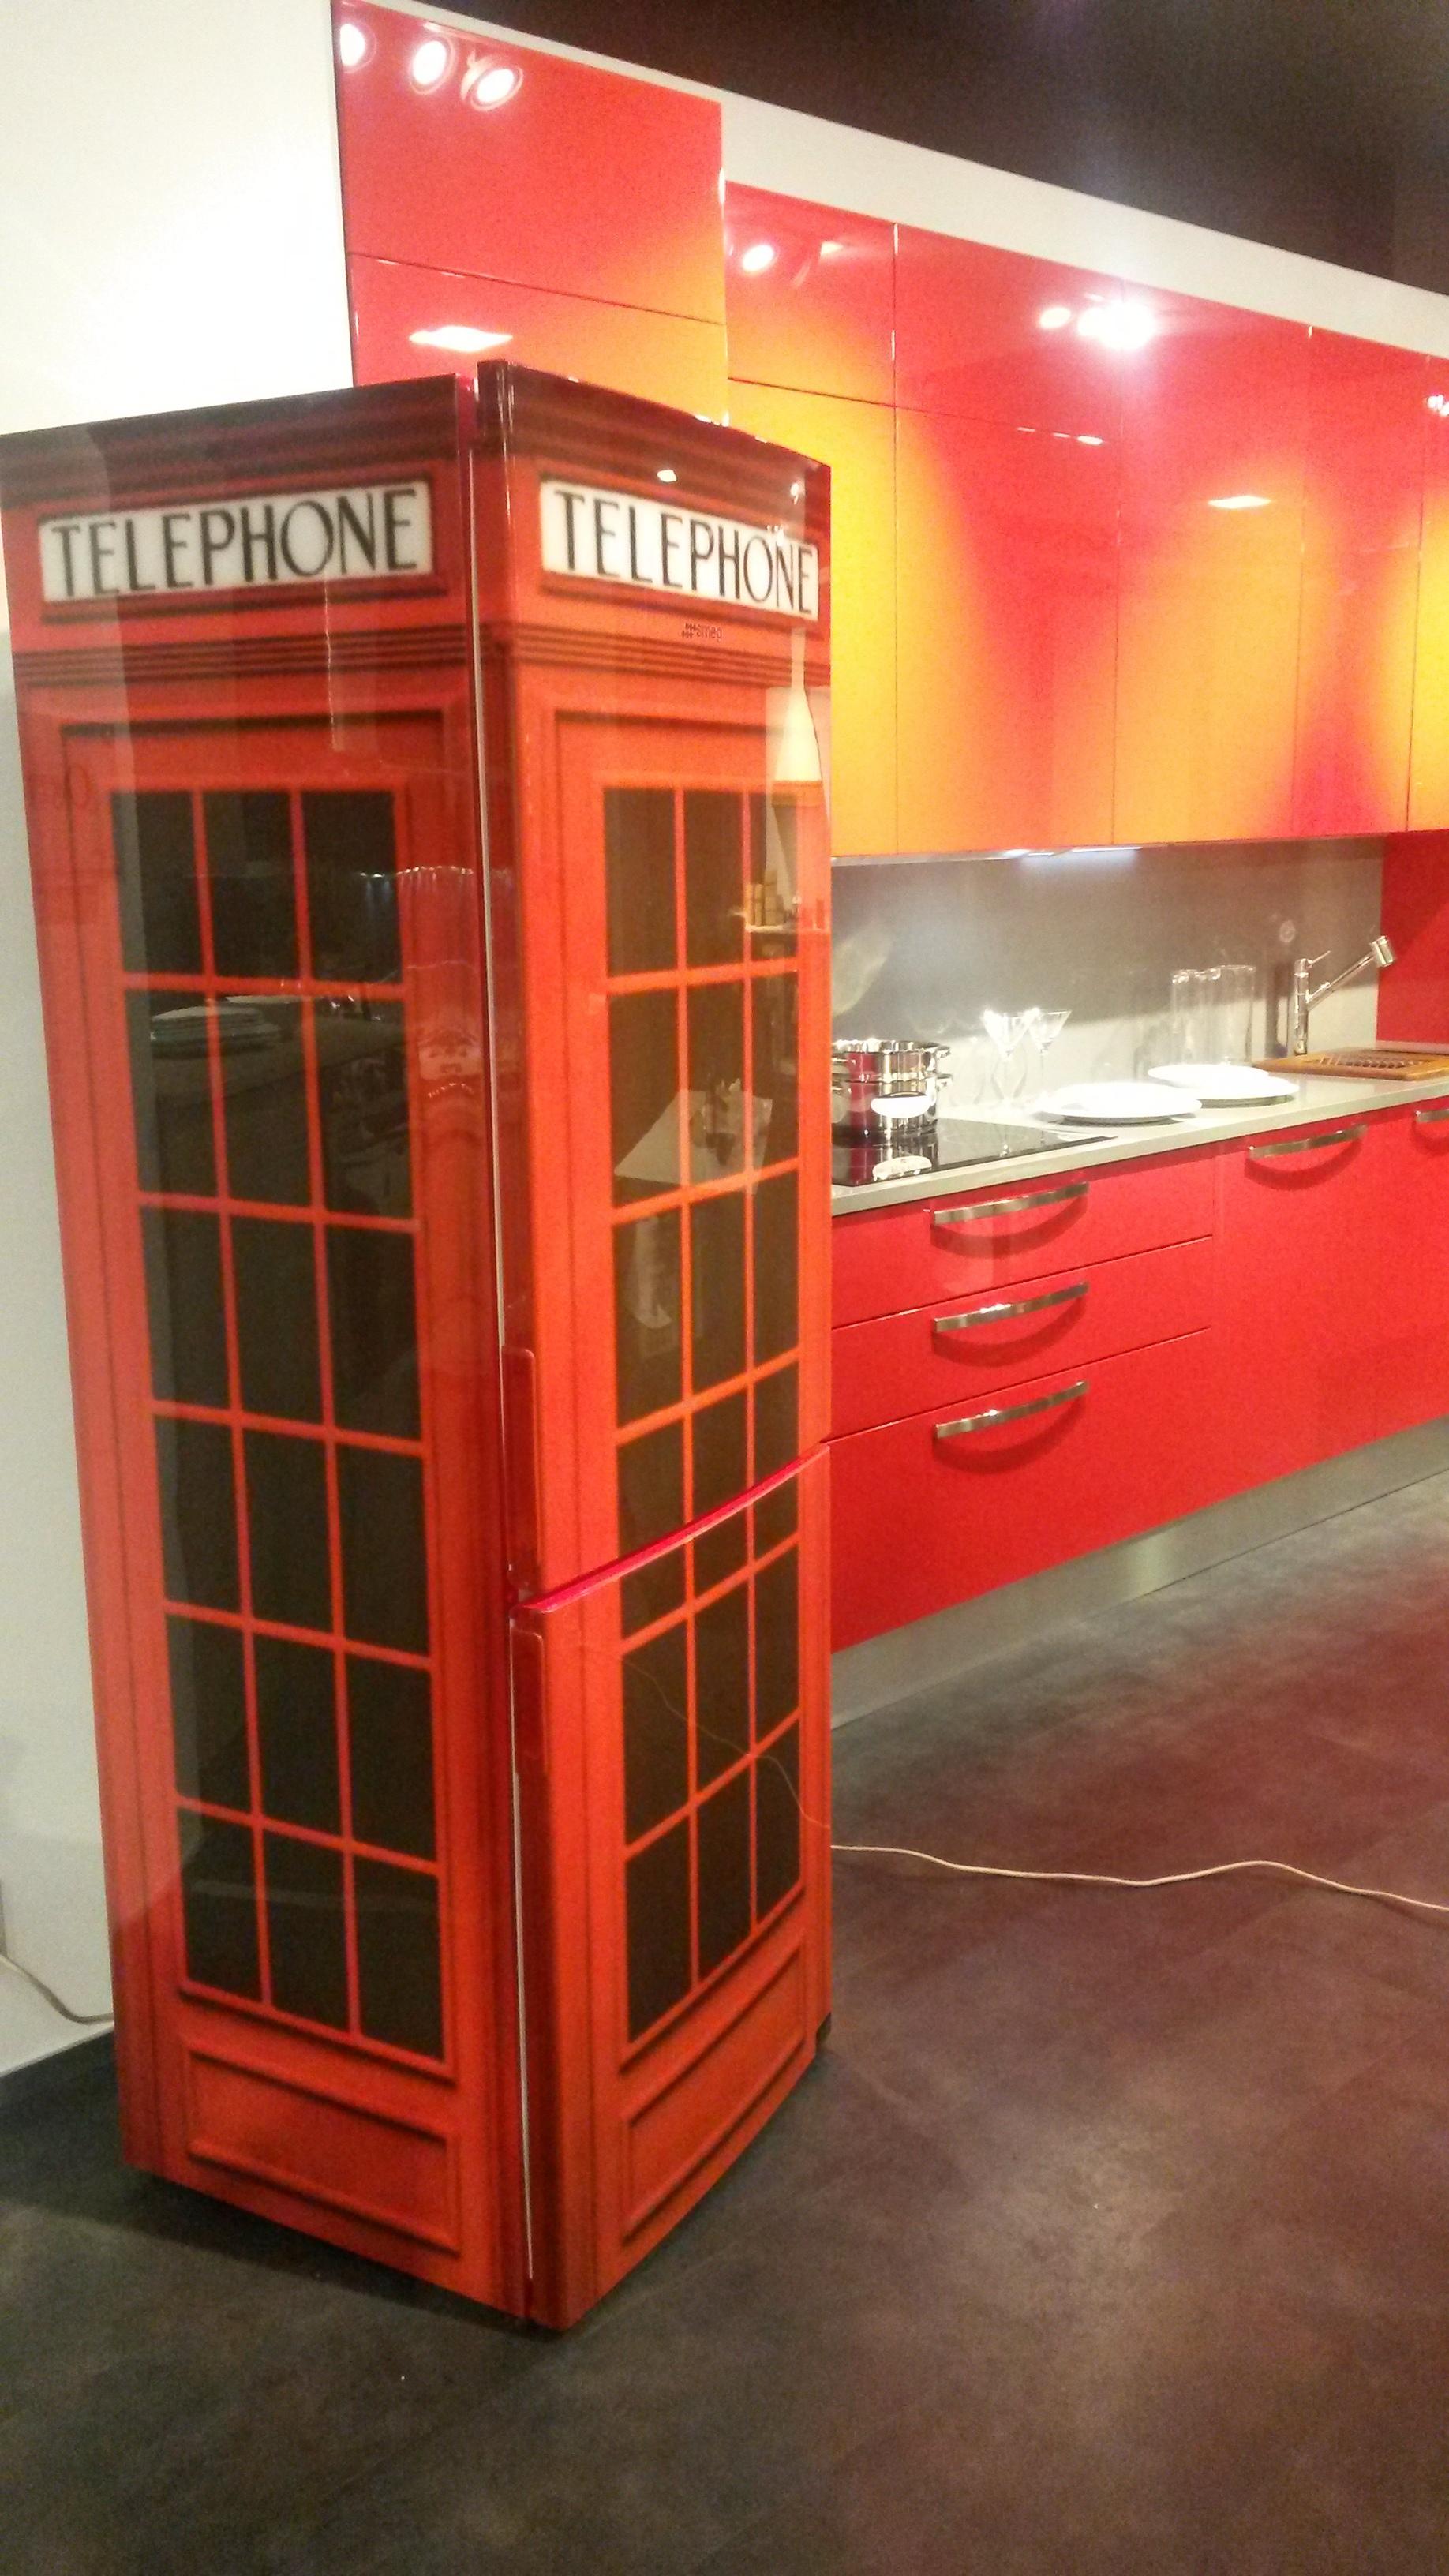 Idee arredamento archives pagina 7 di 30 non solo for Cabina telefonica inglese arredamento